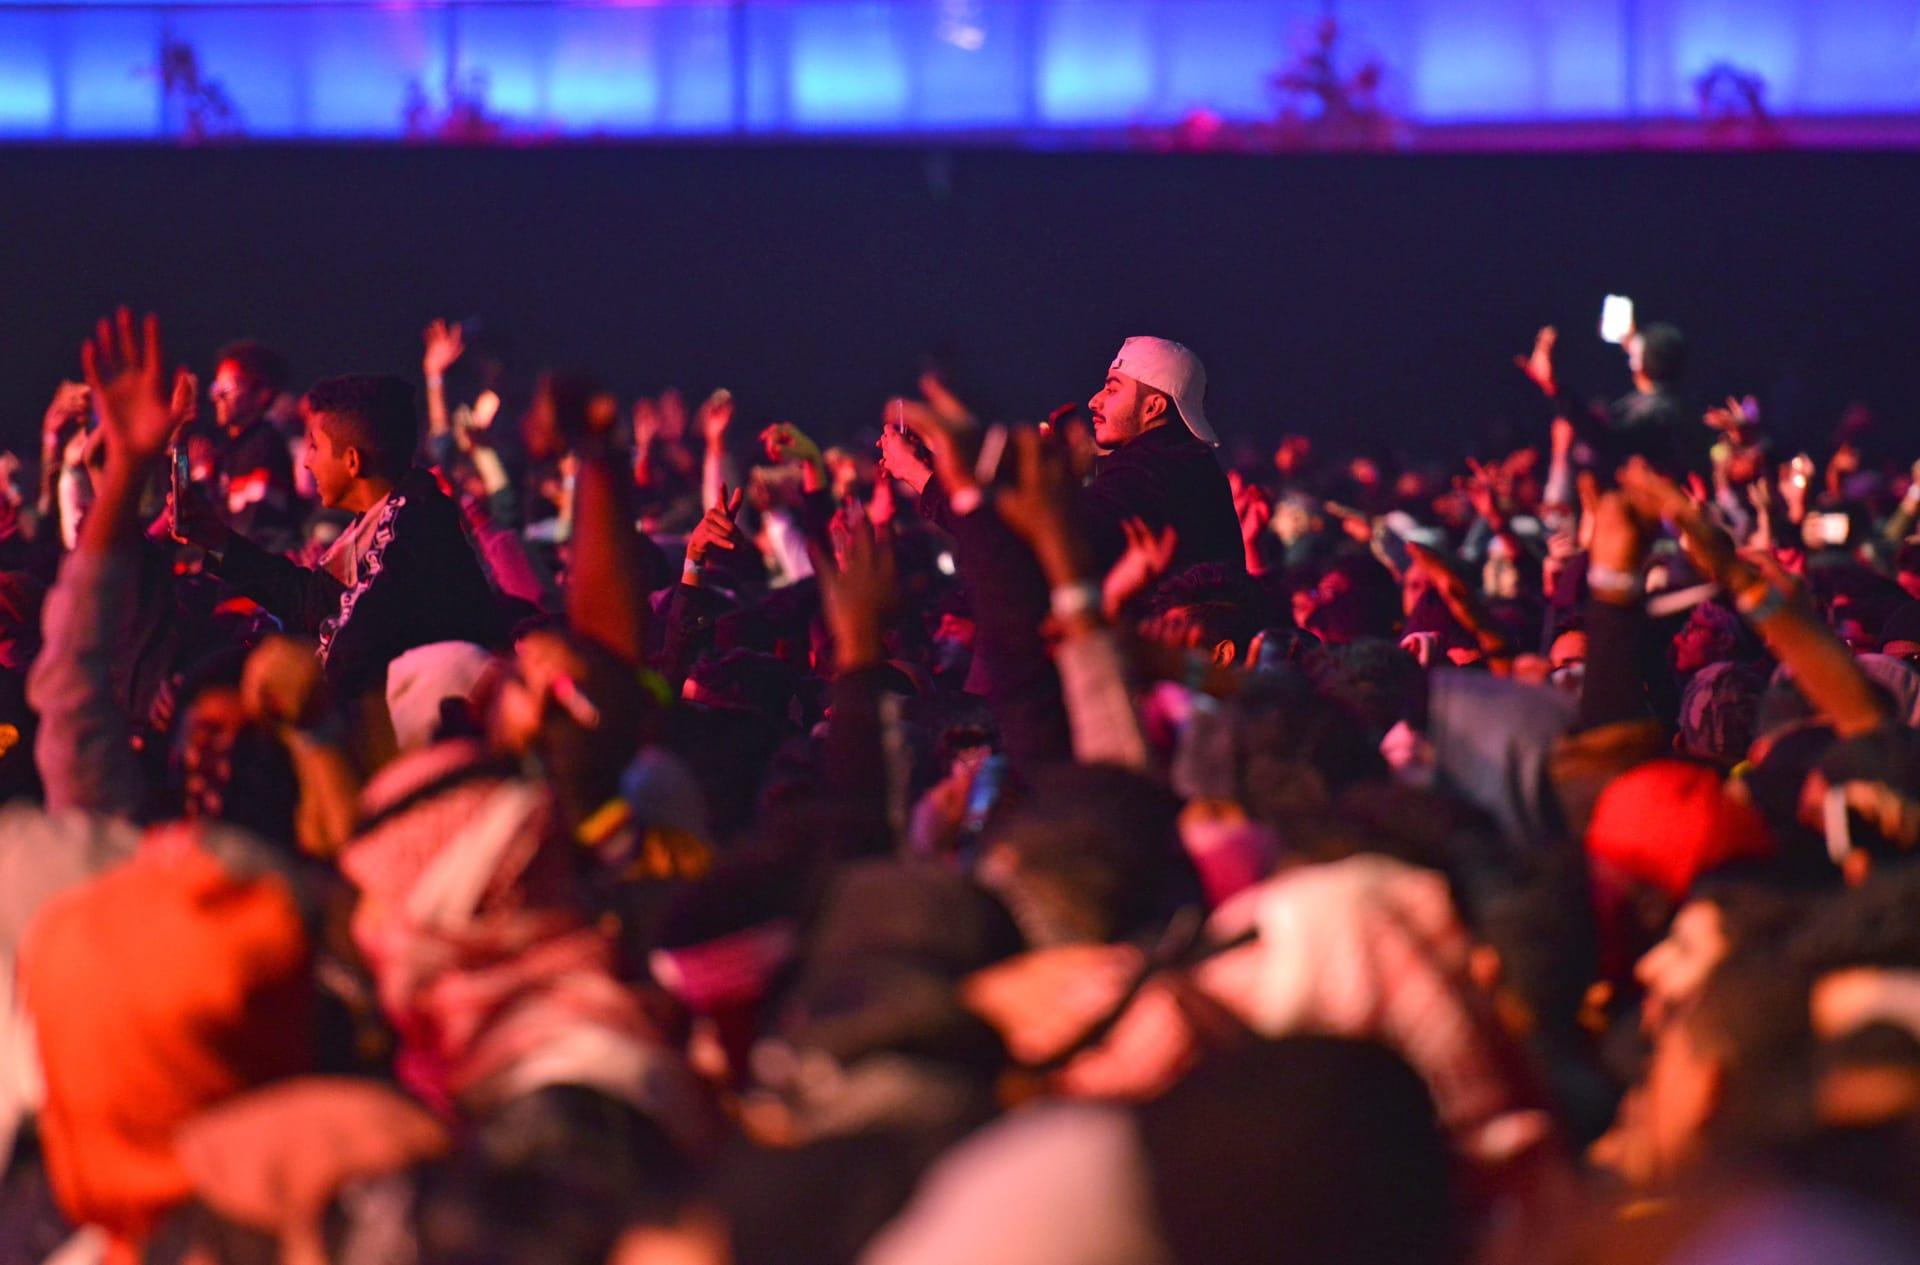 منها حفل لحماقي وتايغا.. تأجيل 3 مهرجانات فنية وسينمائية بالسعودية بسبب فيروس كورونا